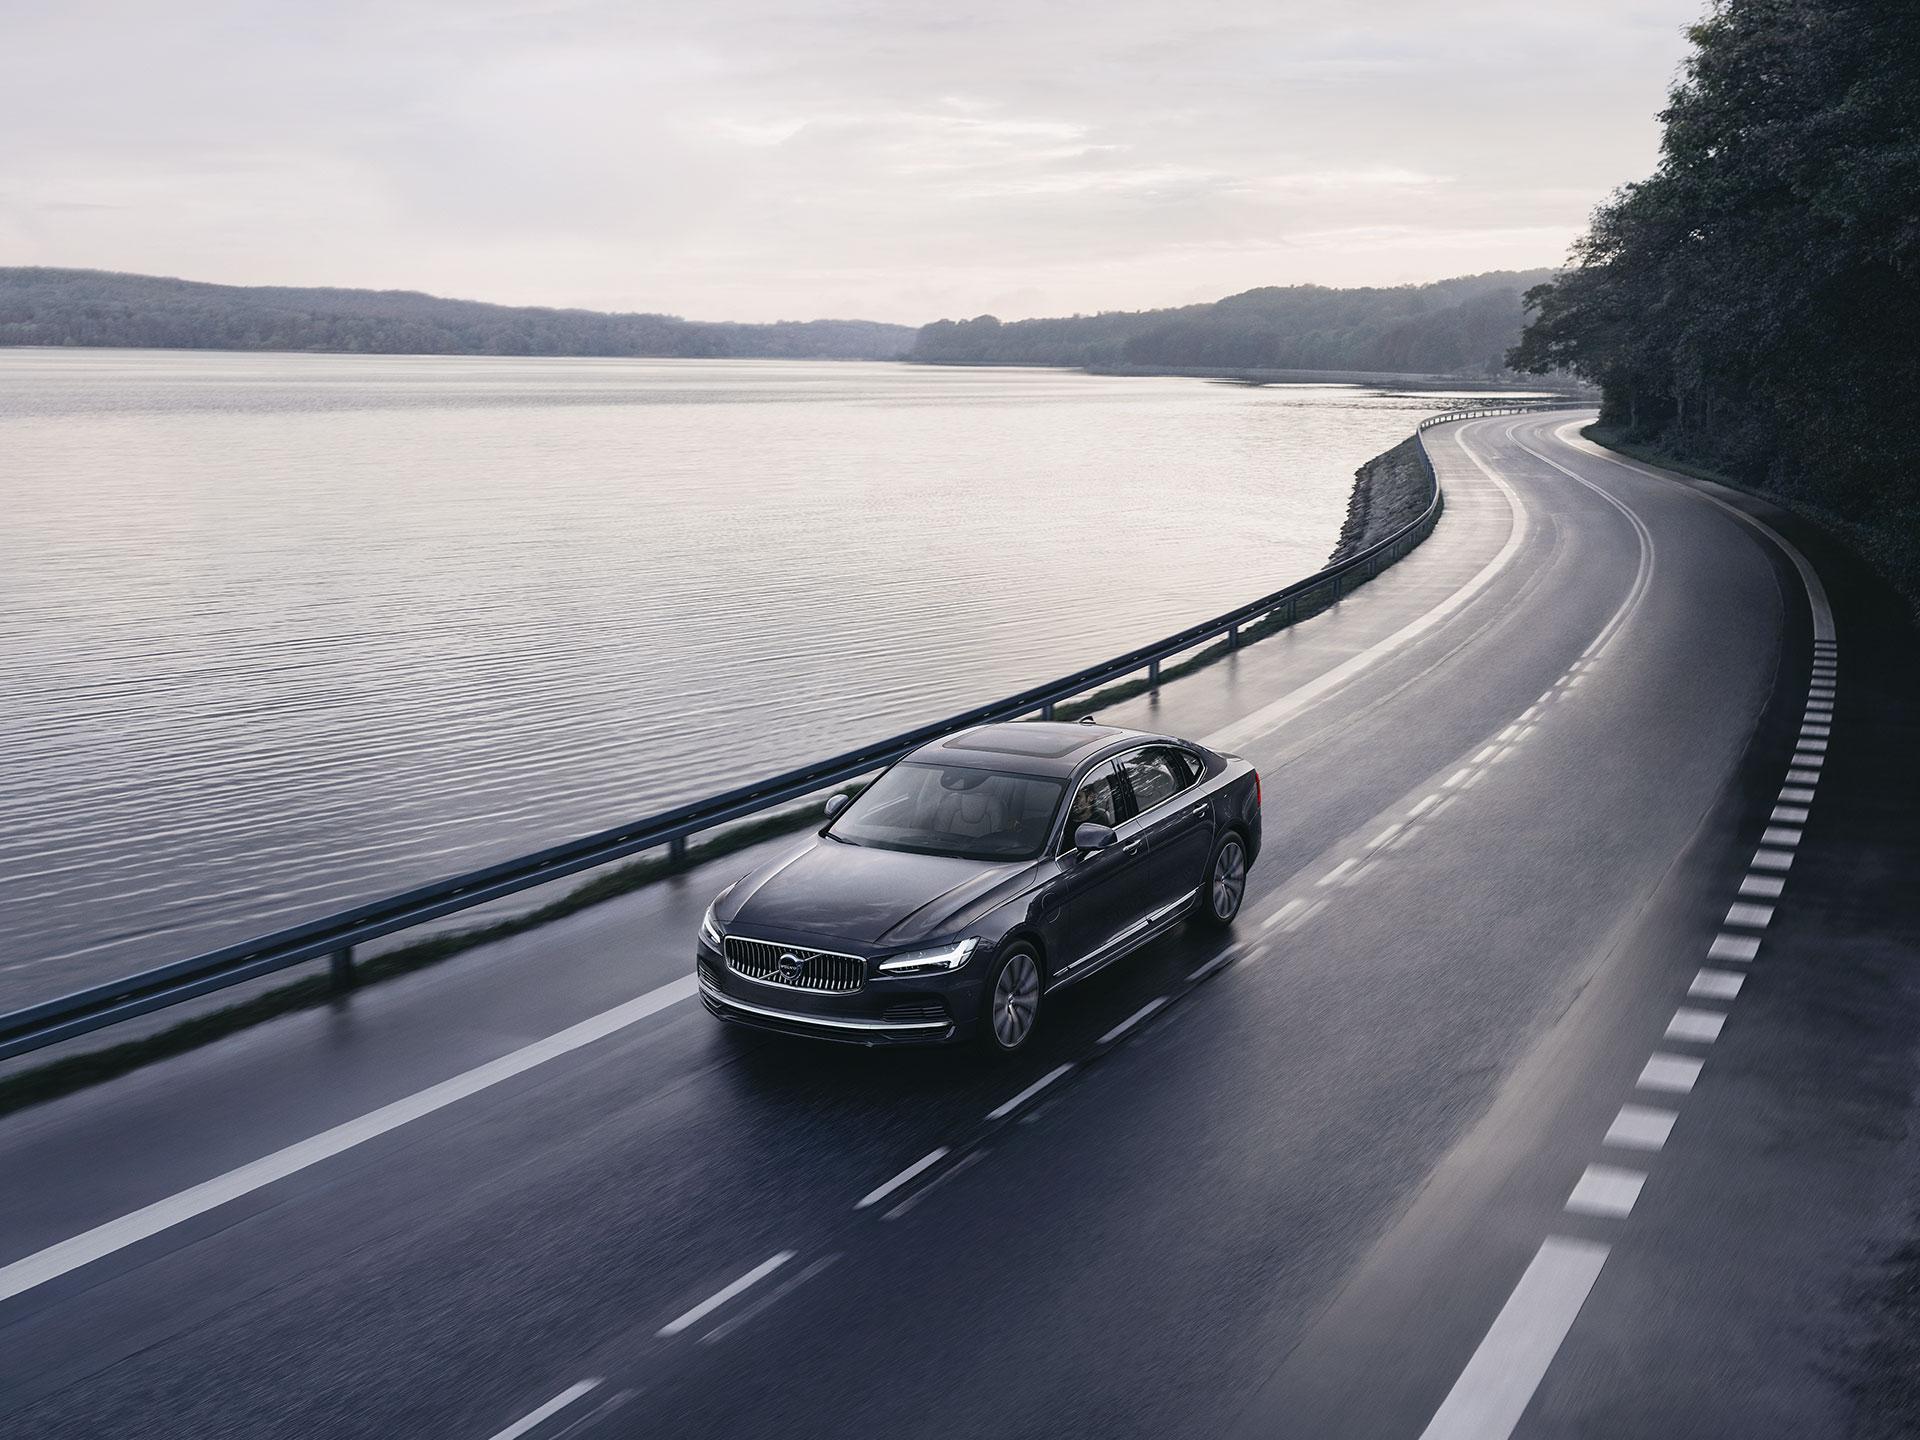 Ein Volvo S90 Mild-Hybrid fährt auf einer Küstenstraße.